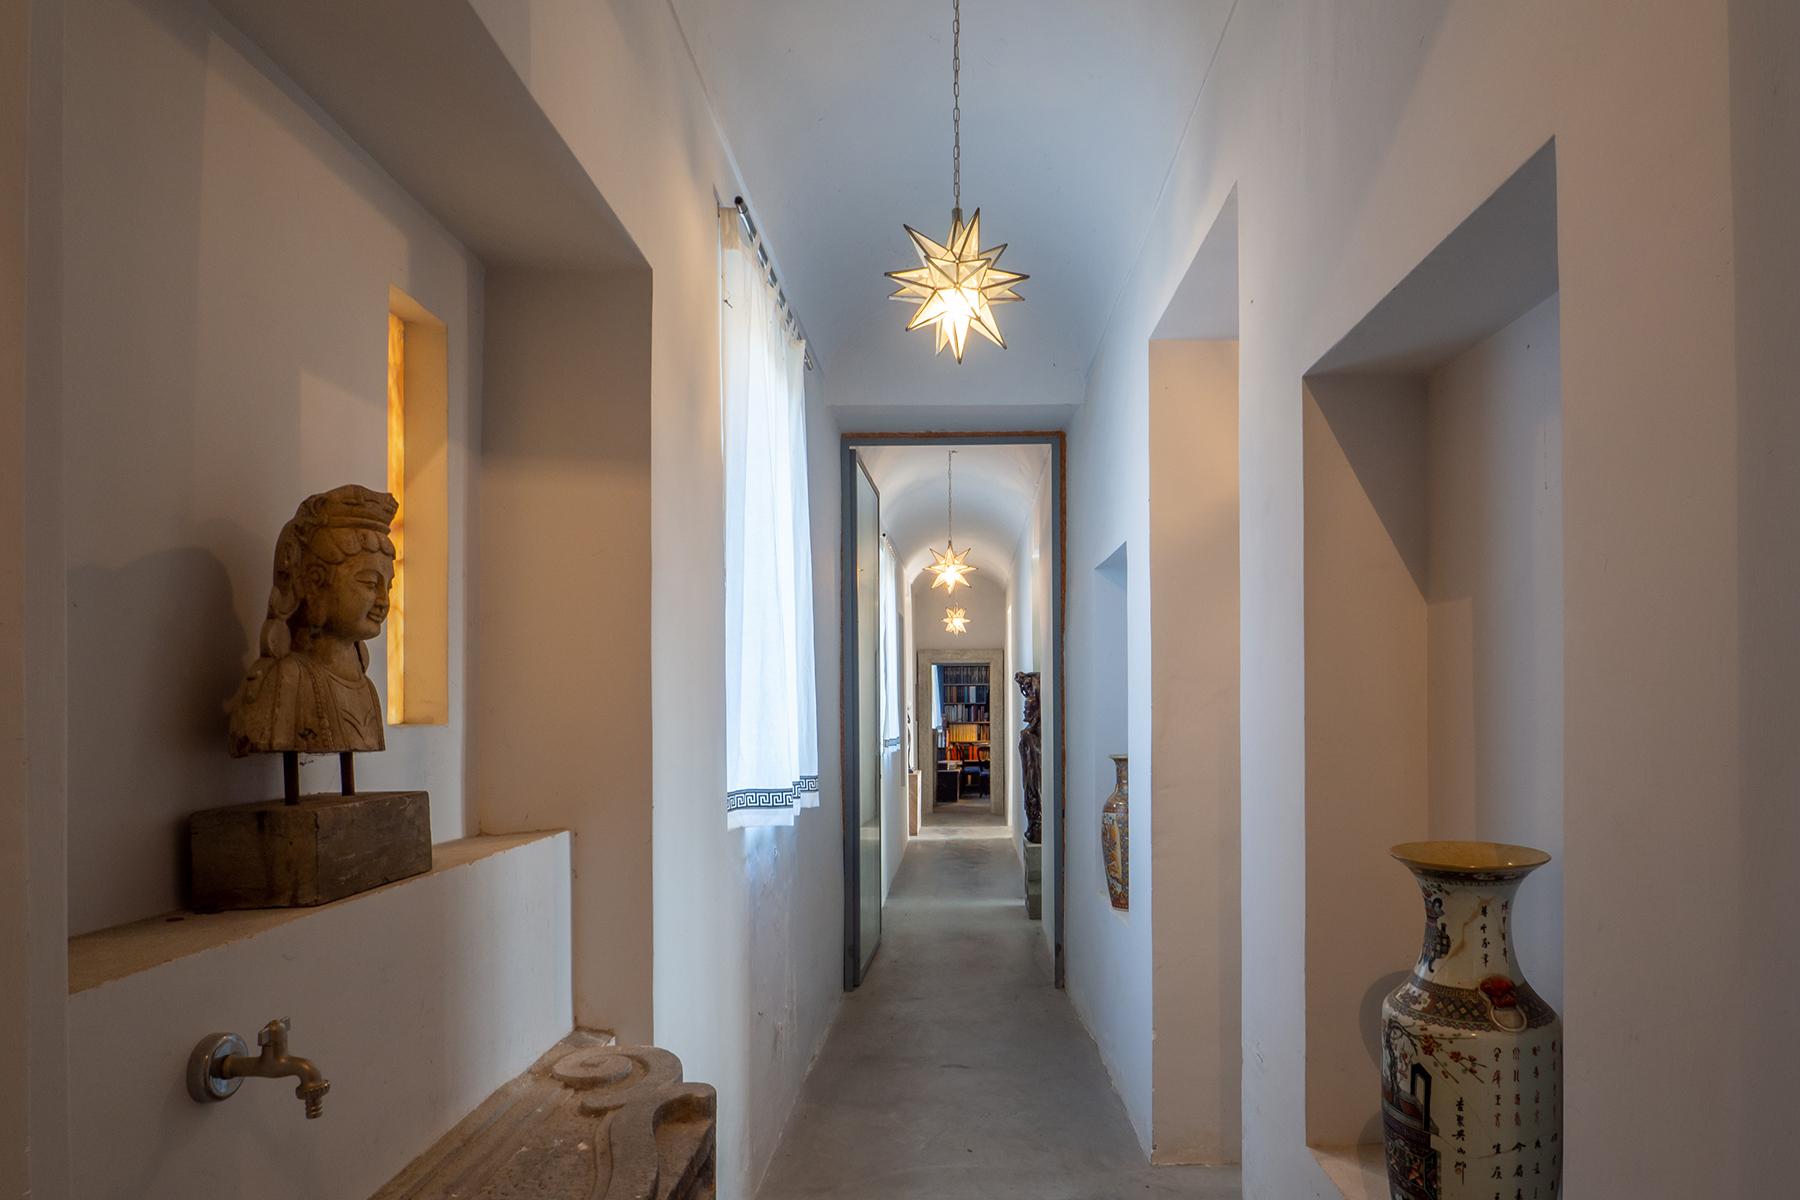 Casa indipendente in Vendita a Moncestino: 5 locali, 300 mq - Foto 15